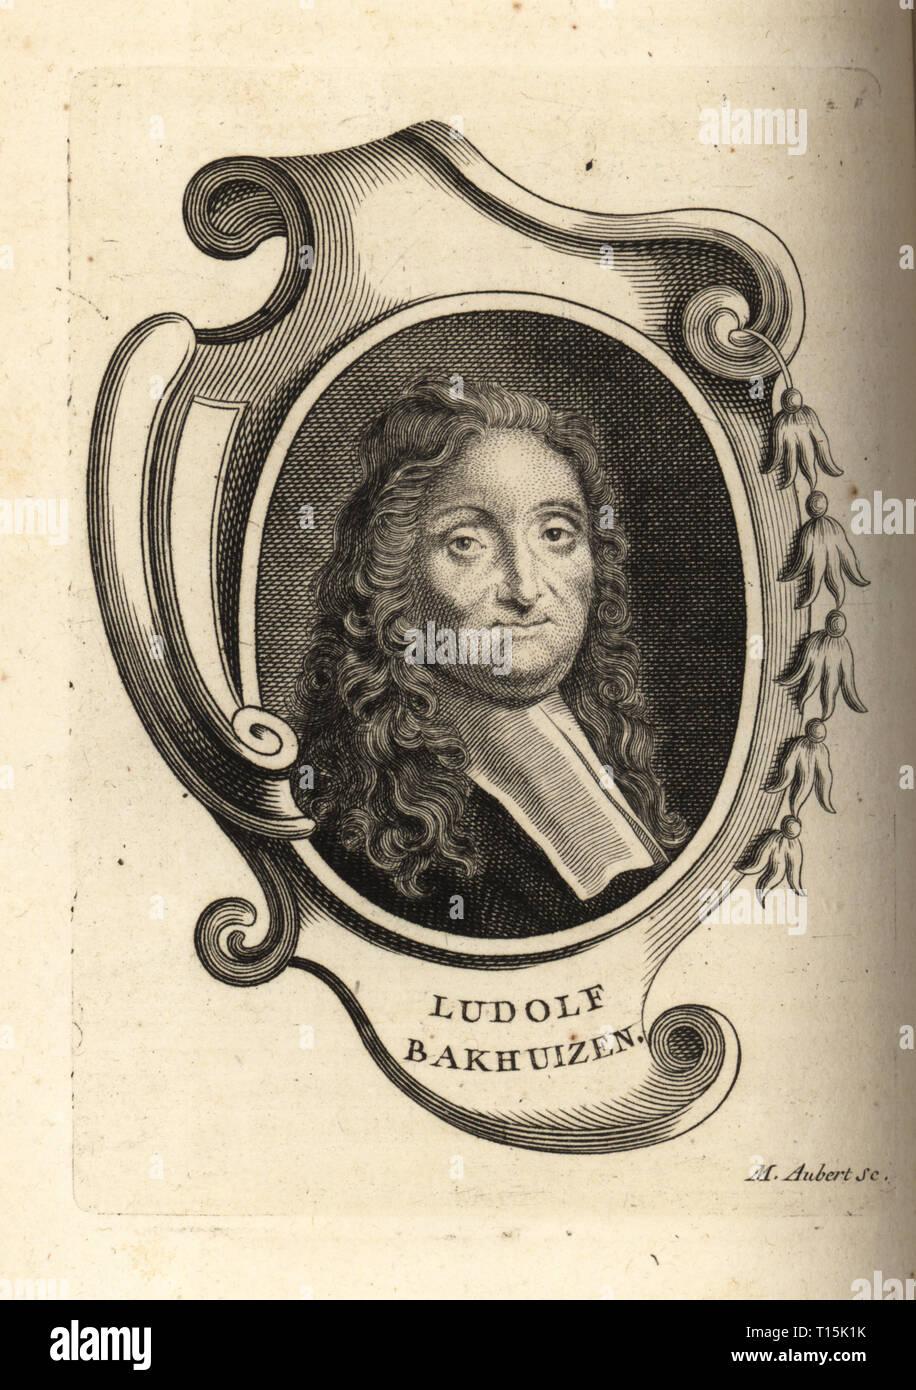 Portrait of Ludolf Bakhuizen, German-born Dutch painter, draughtsman, calligrapher and printmaker. Copperplate engraving by M. Aubert after a self portrait by Ludolf Bakhuizen from Antoine-Joseph Dezallier d'Argenville's Abrege de la vie des plus fameux peintres, Lives of the most Famous Artists, de Bure l'Aine, Paris, 1762. - Stock Image